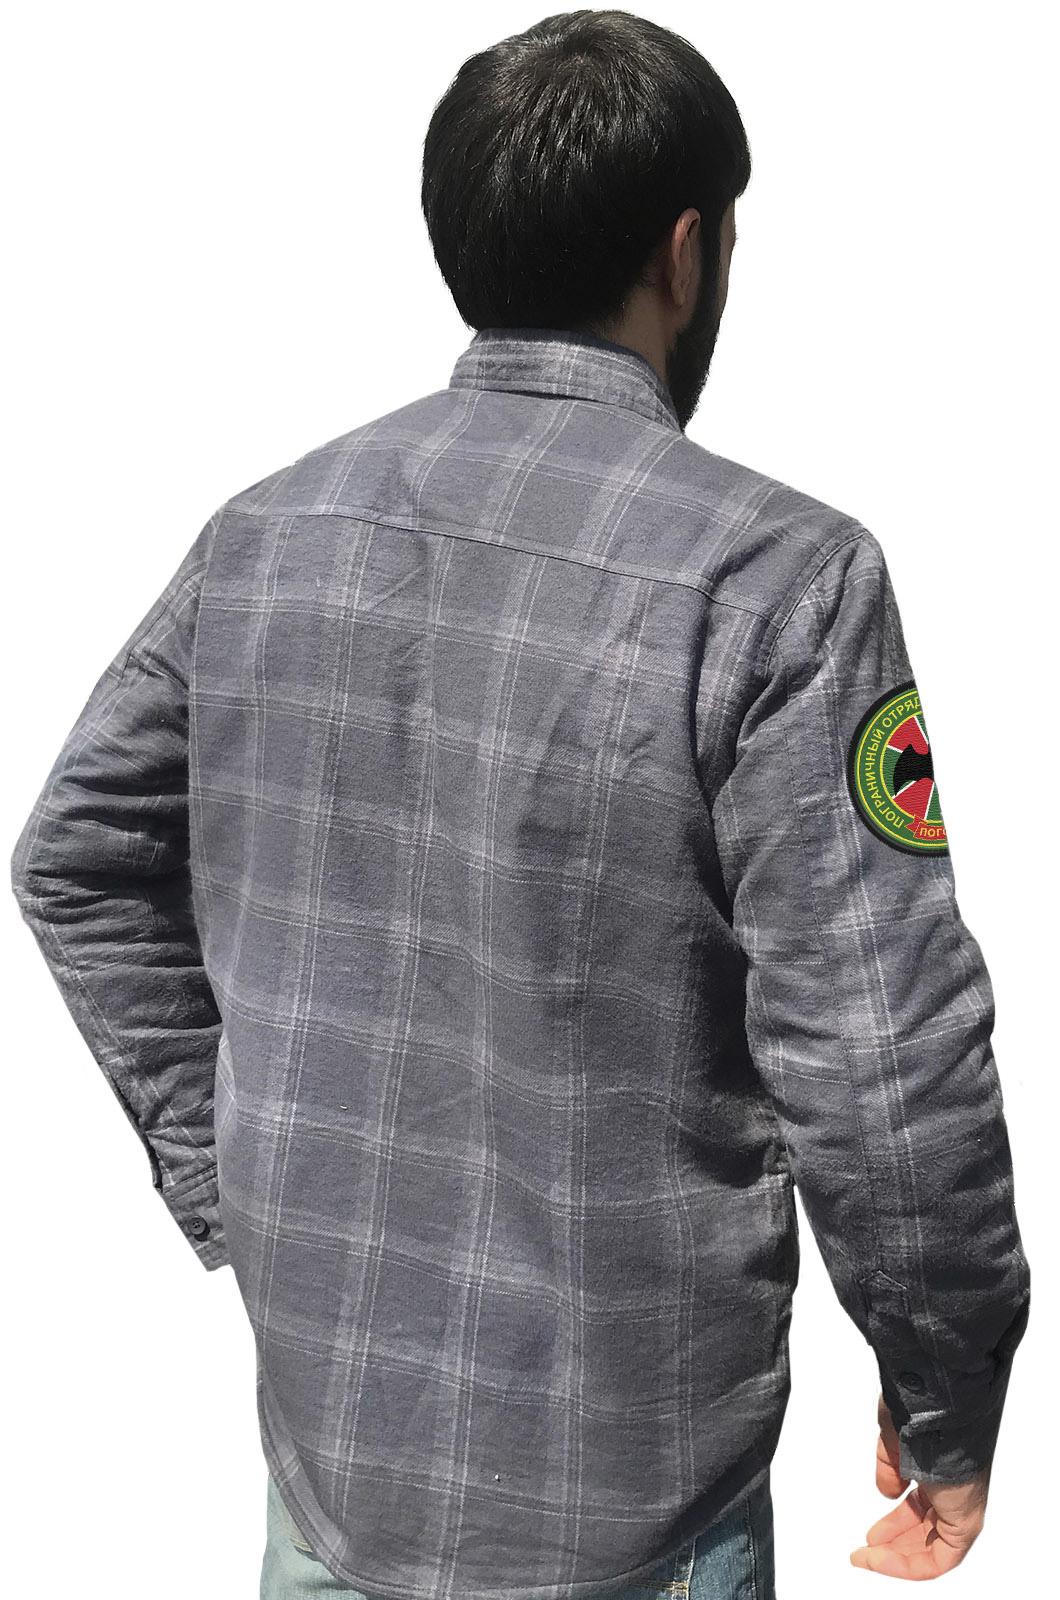 Рубашка в клетку с шевроном ПОГООН - Пограничный Отряд Особого Назначения заказать выгодно